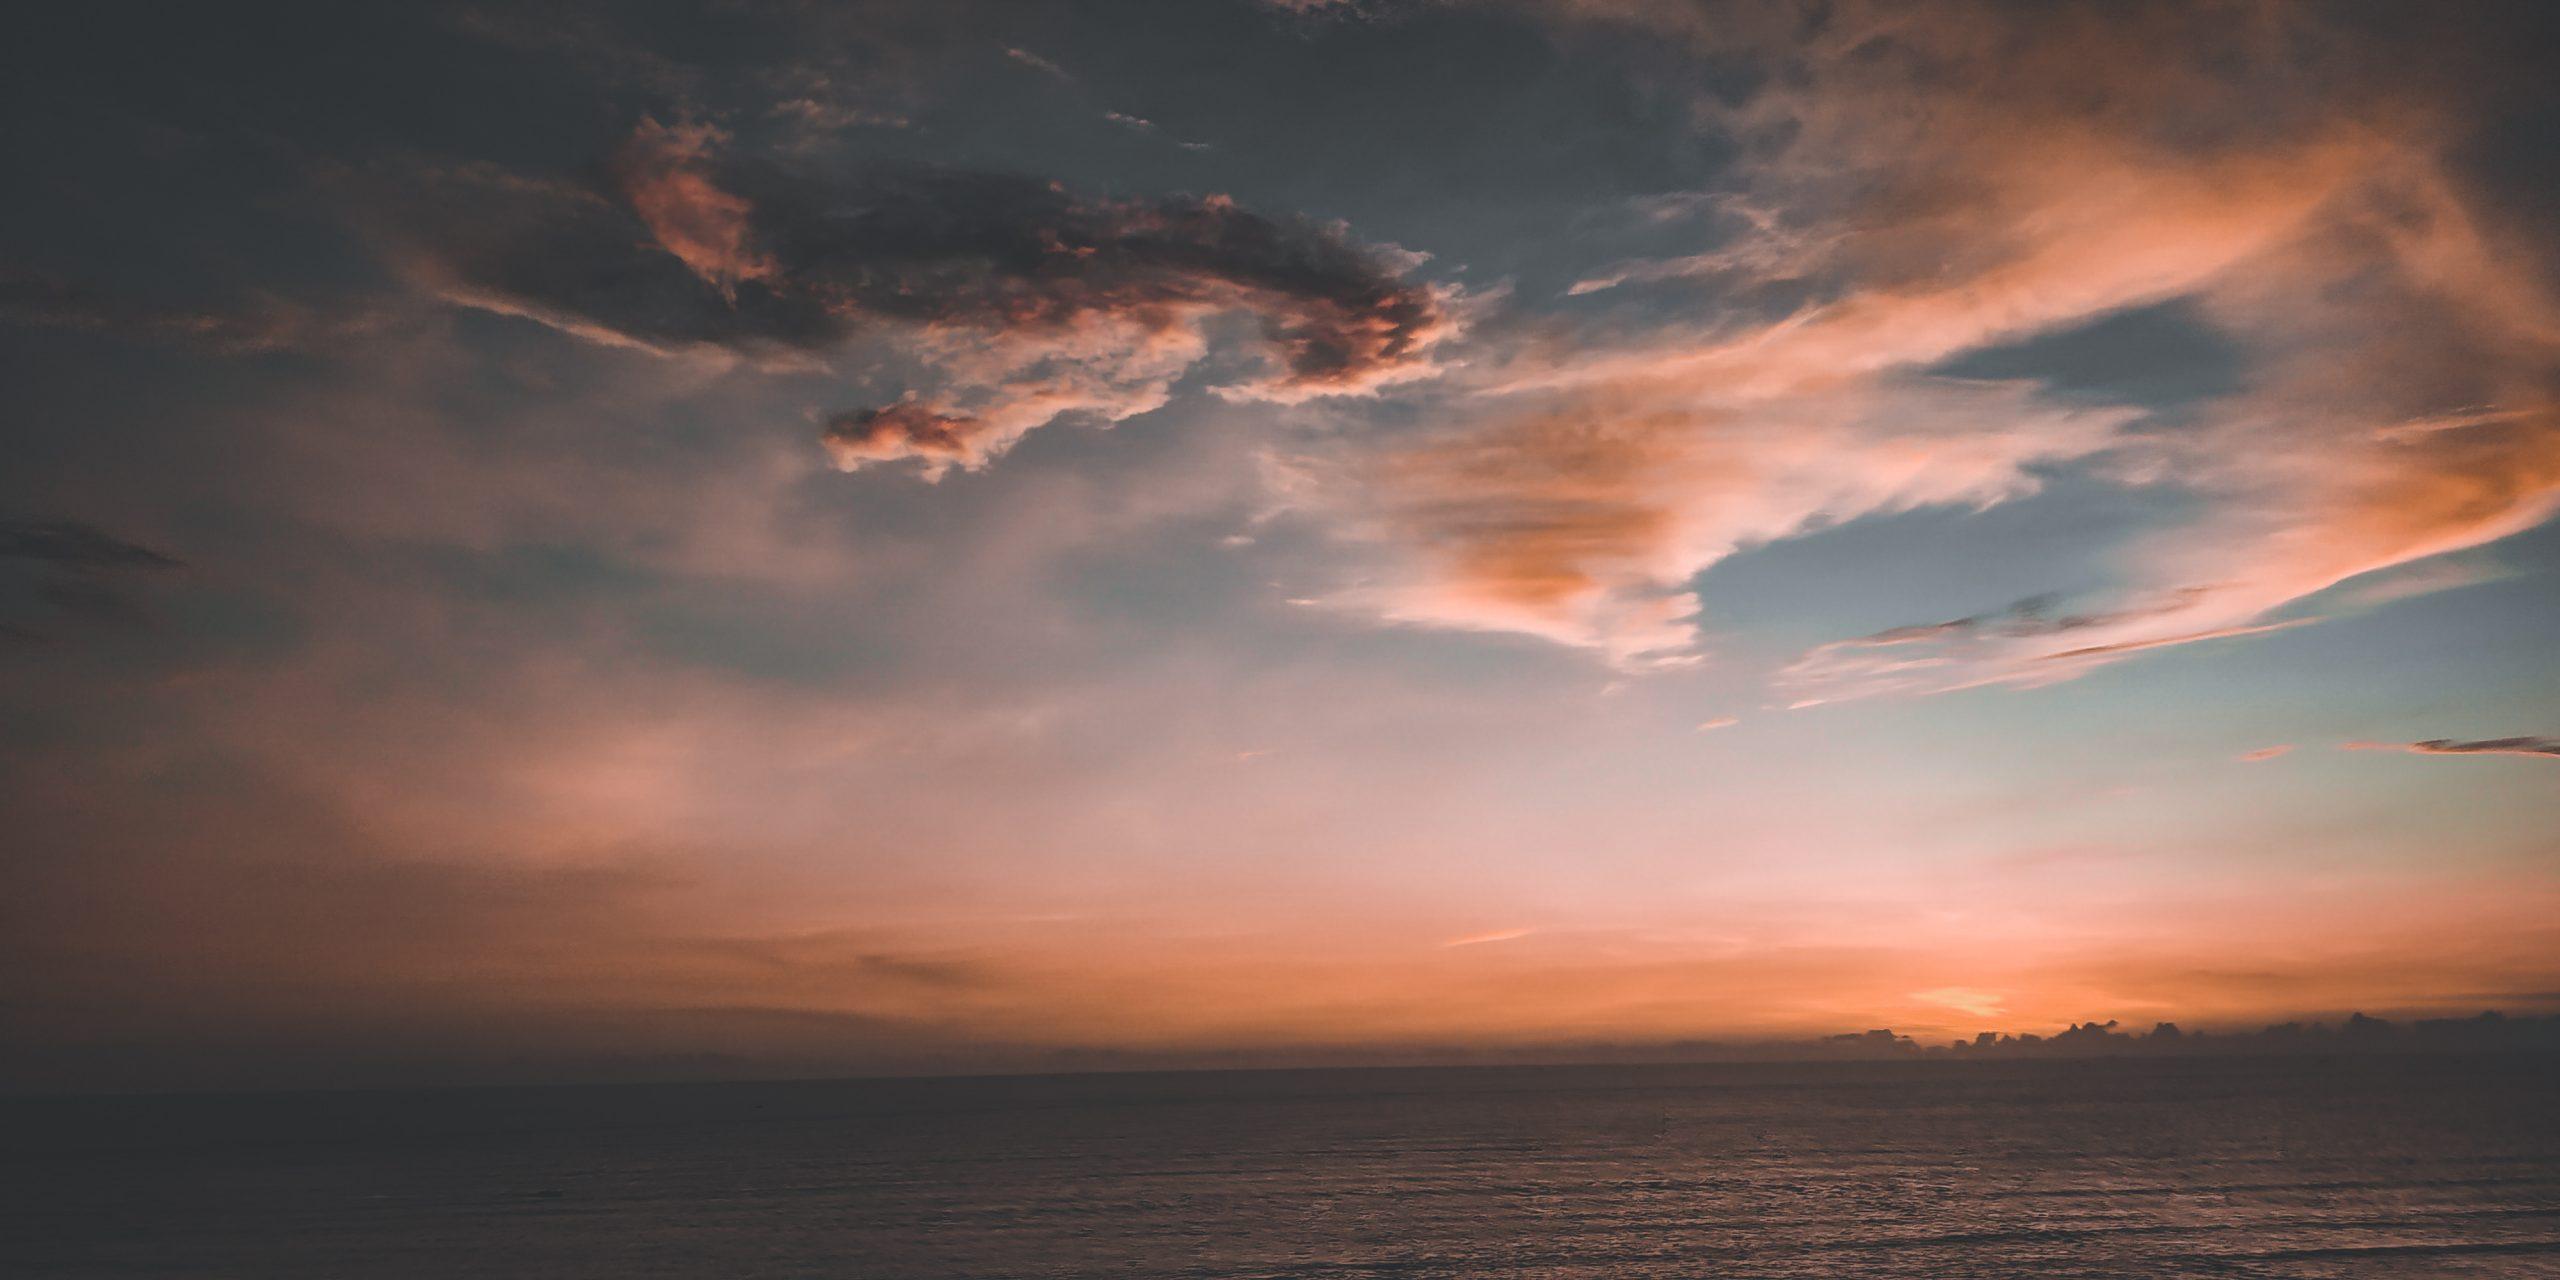 Colorful sky over a sea